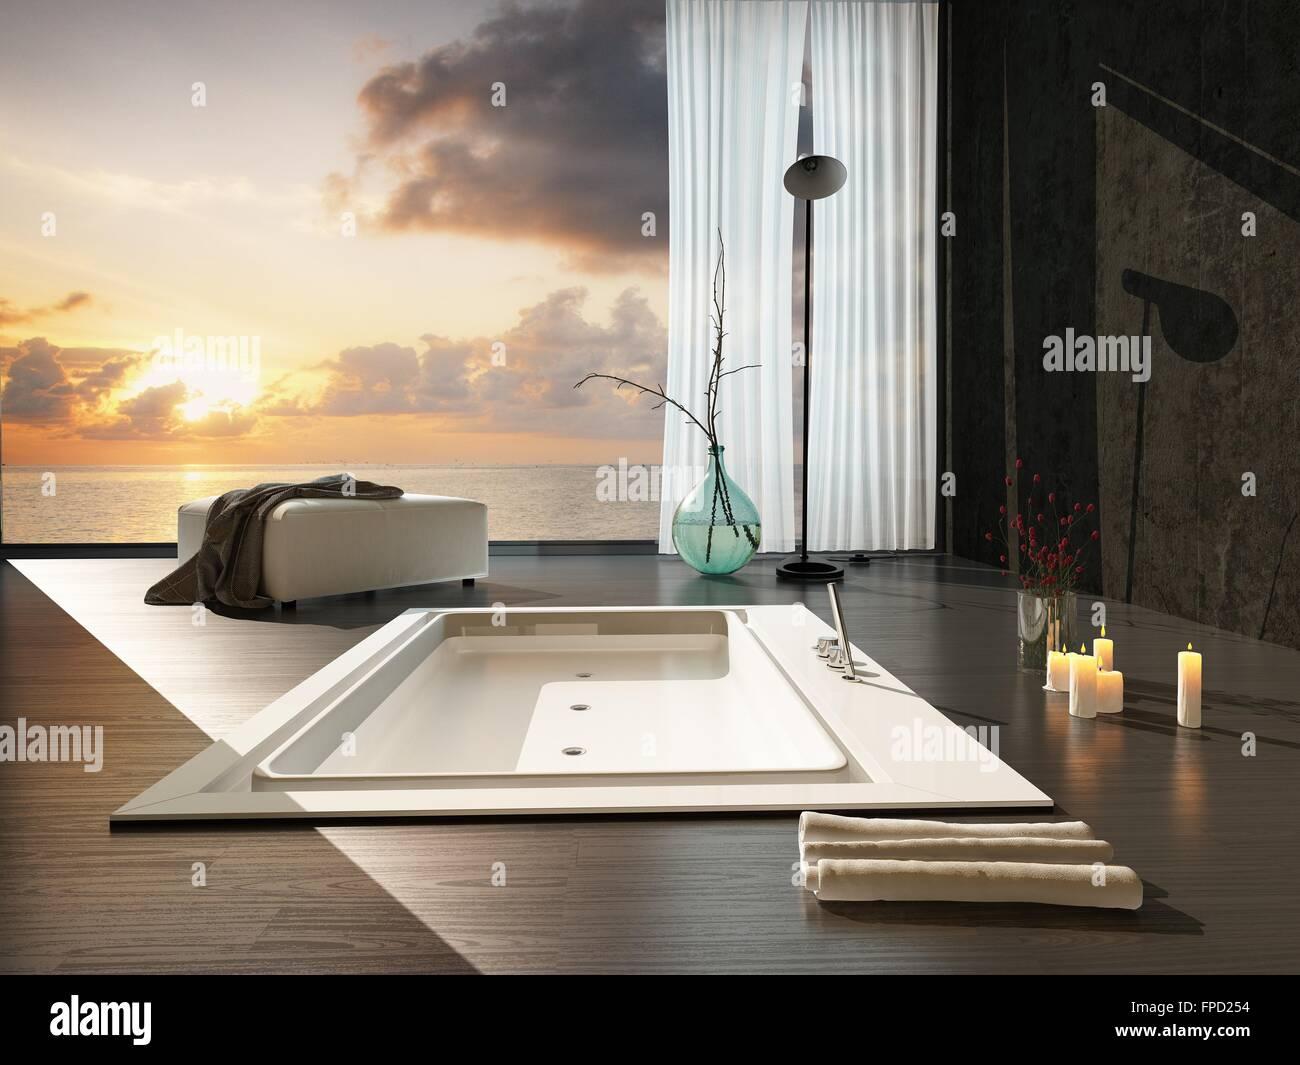 Vasca Da Bagno Romantica : Romantico bagno moderno interno al tramonto con una vista di un